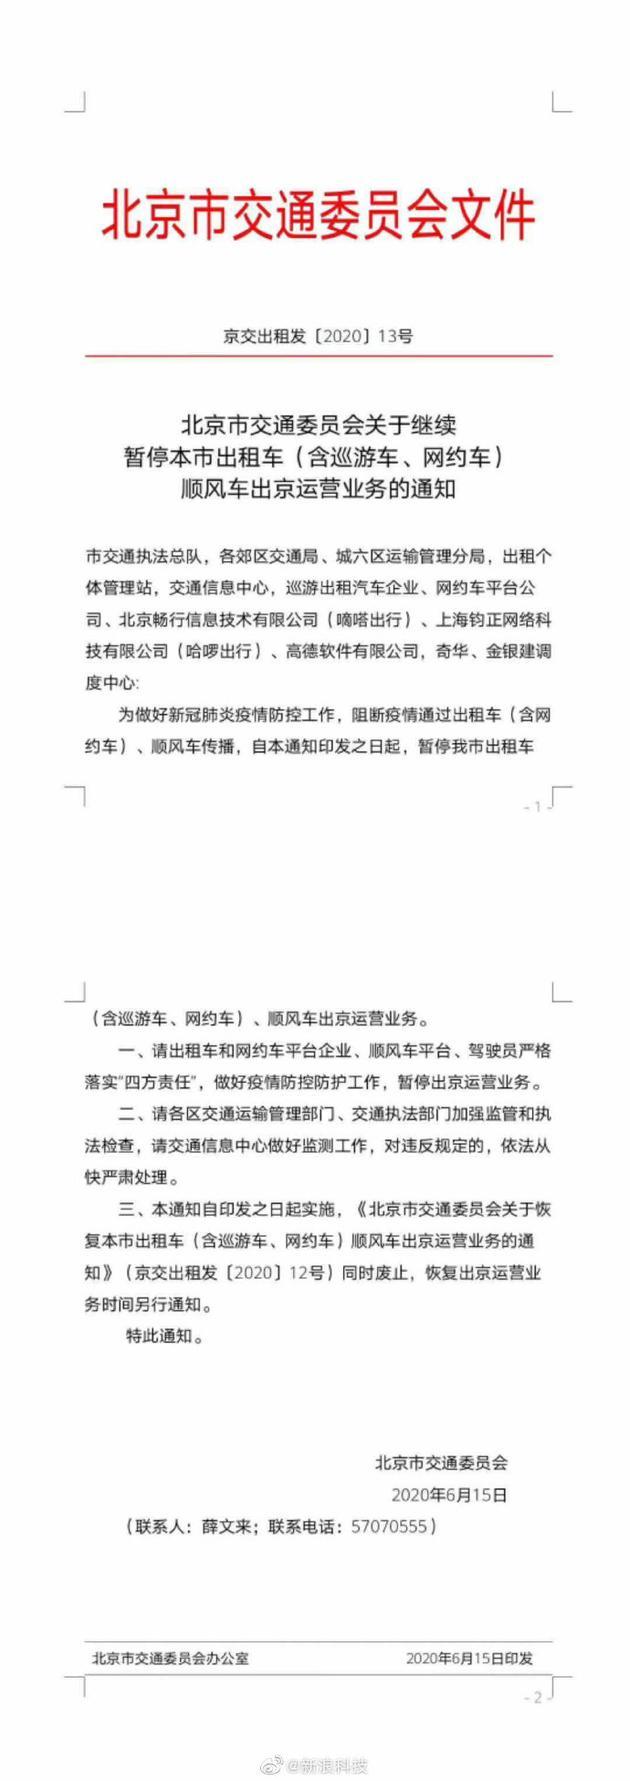 北京市交通委:暂停北京市出租车、顺风车出京运营业务